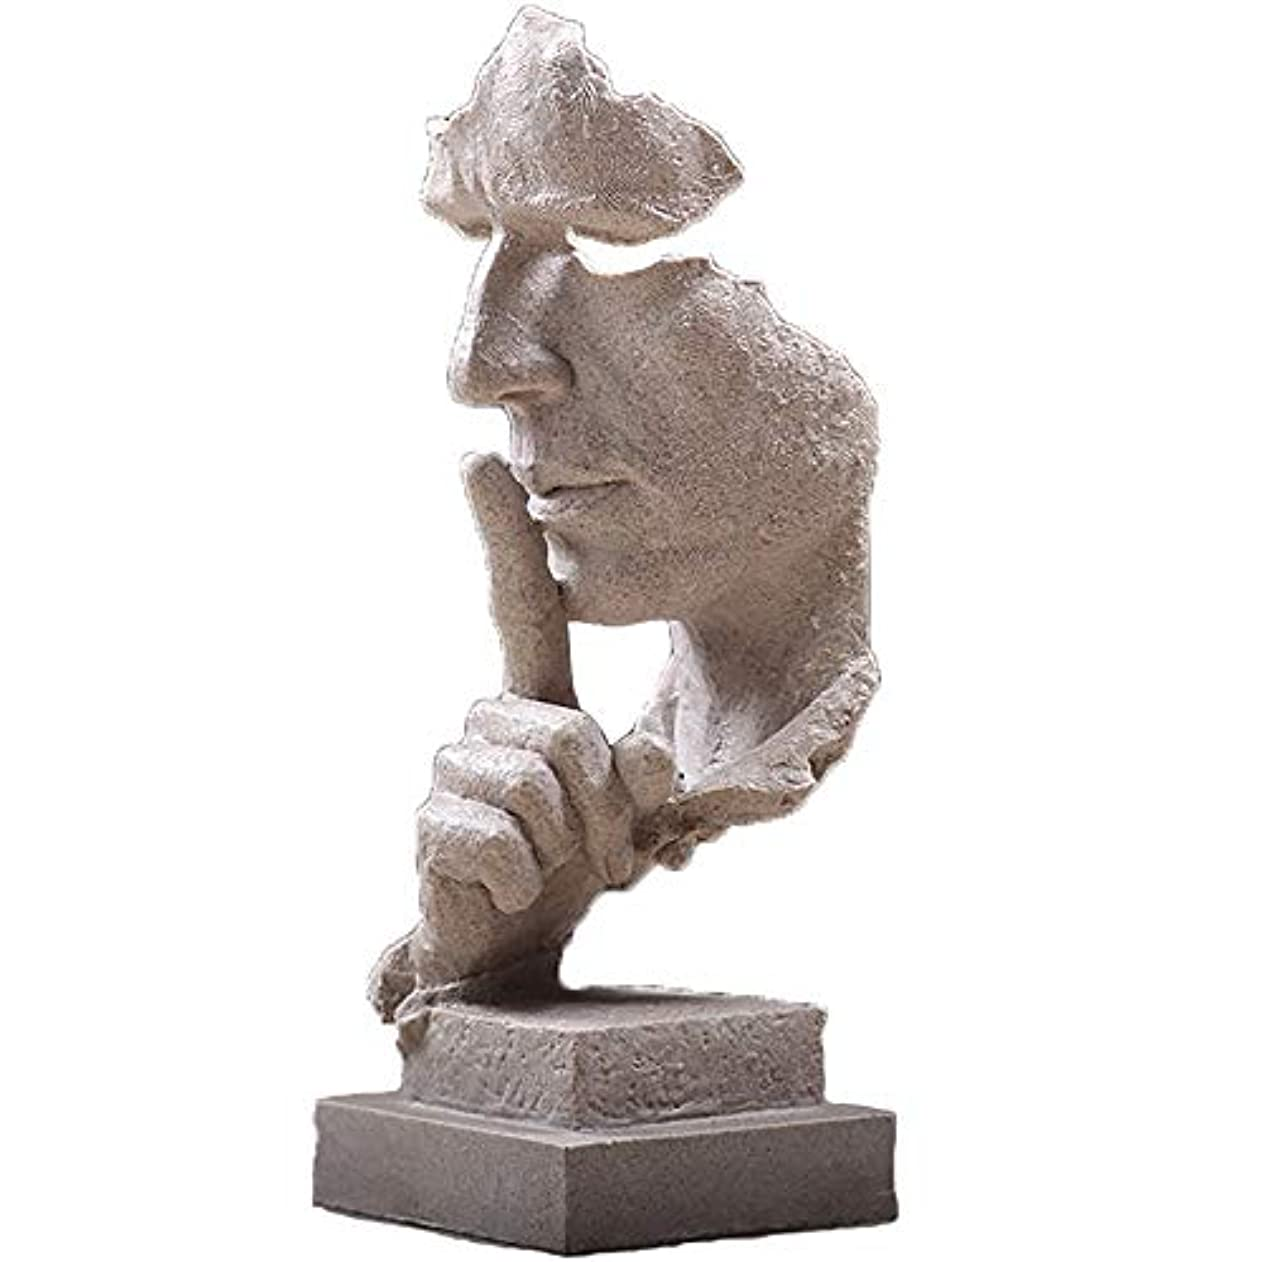 テメリティ主要な群集樹脂抽象彫刻沈黙はゴールデン男性像キャラクター工芸品装飾用オフィスリビングルームアートワーク,White